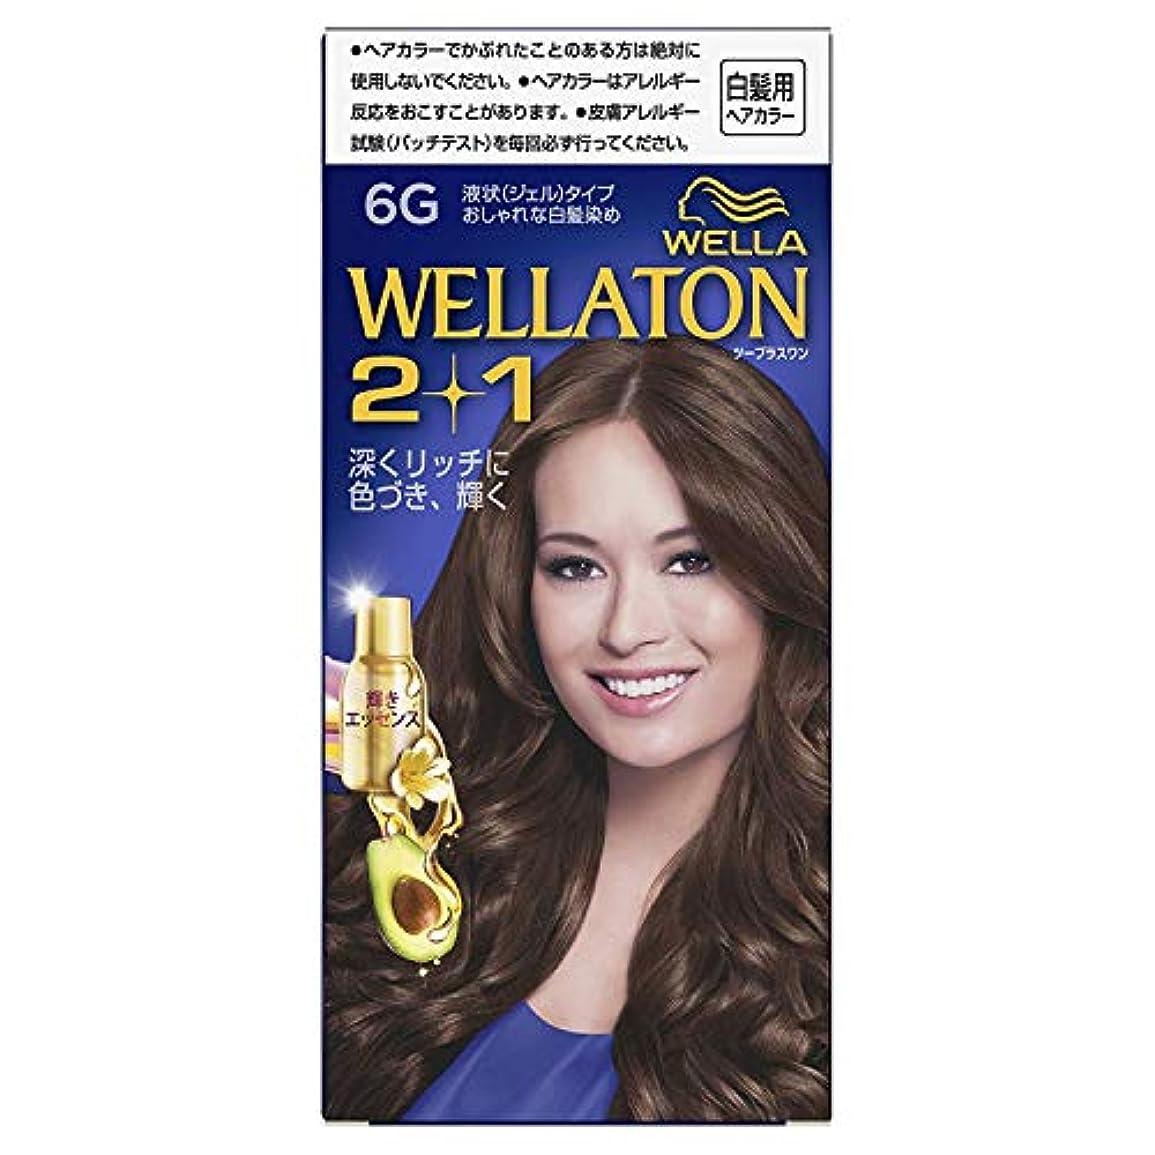 成長するバンドル航空ウエラトーン2+1 白髪染め 液状タイプ 6G [医薬部外品] ×6個